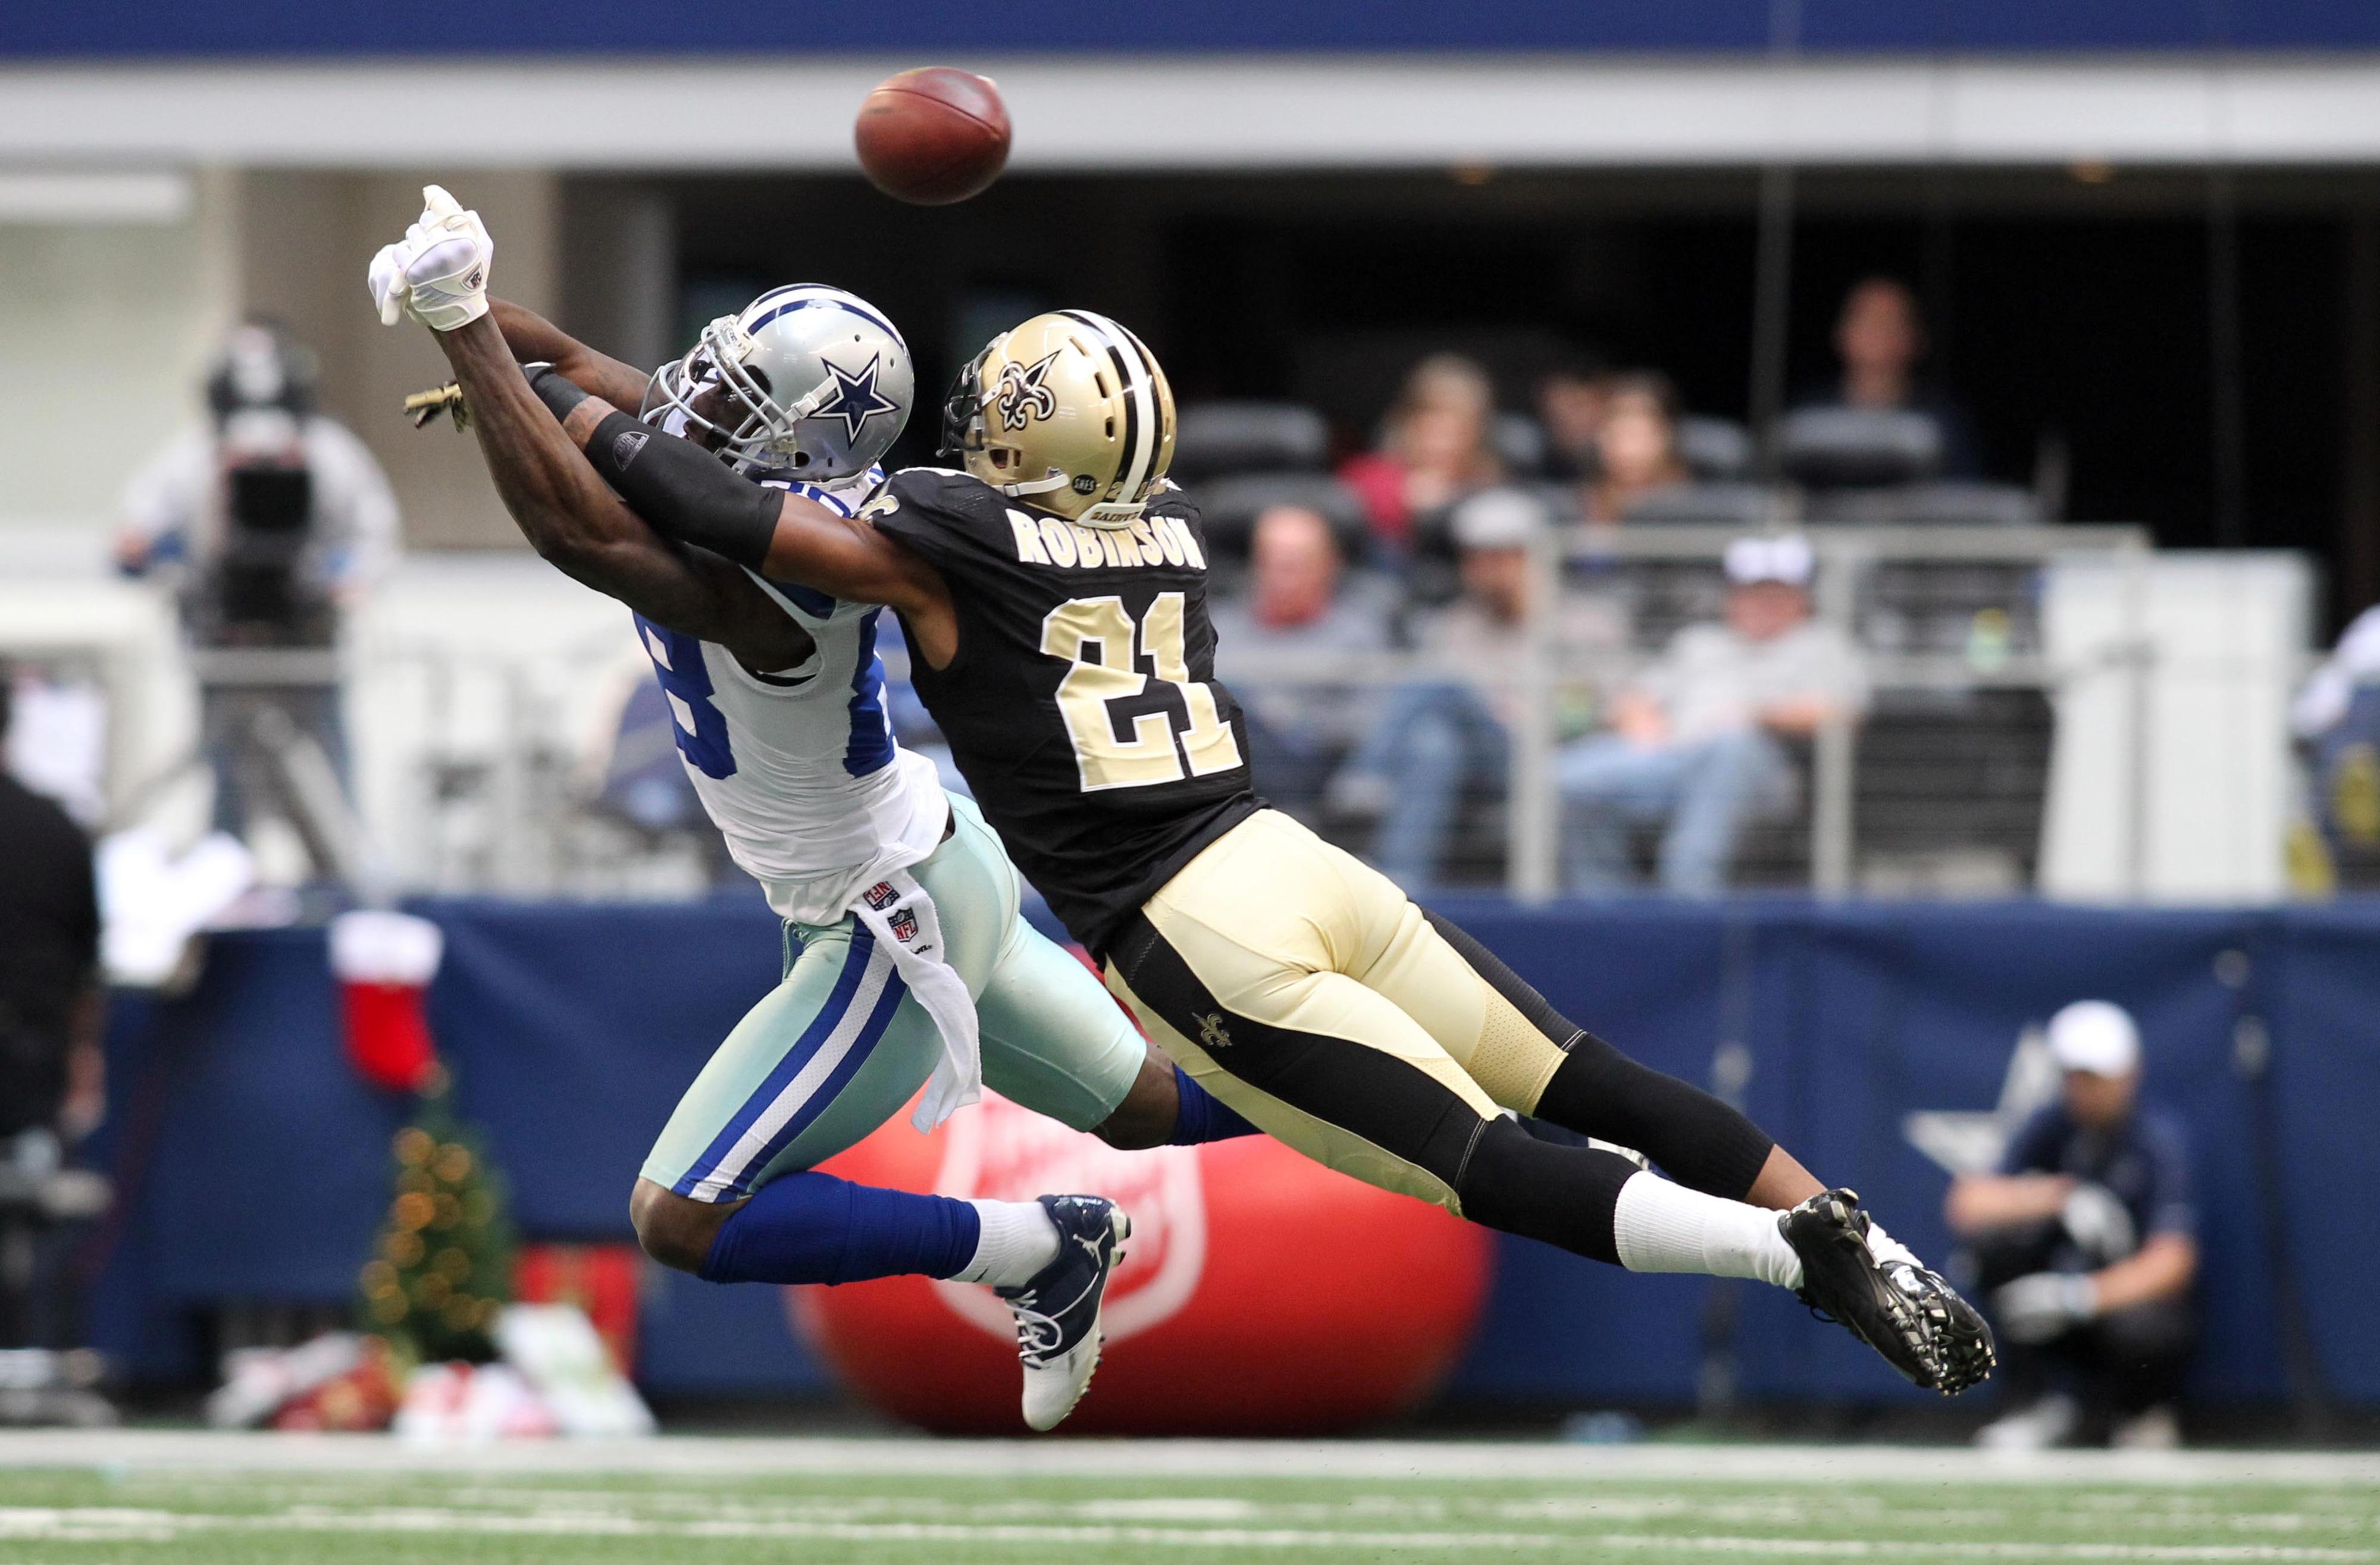 Robinson had a miserable performance against the Cowboys last season.